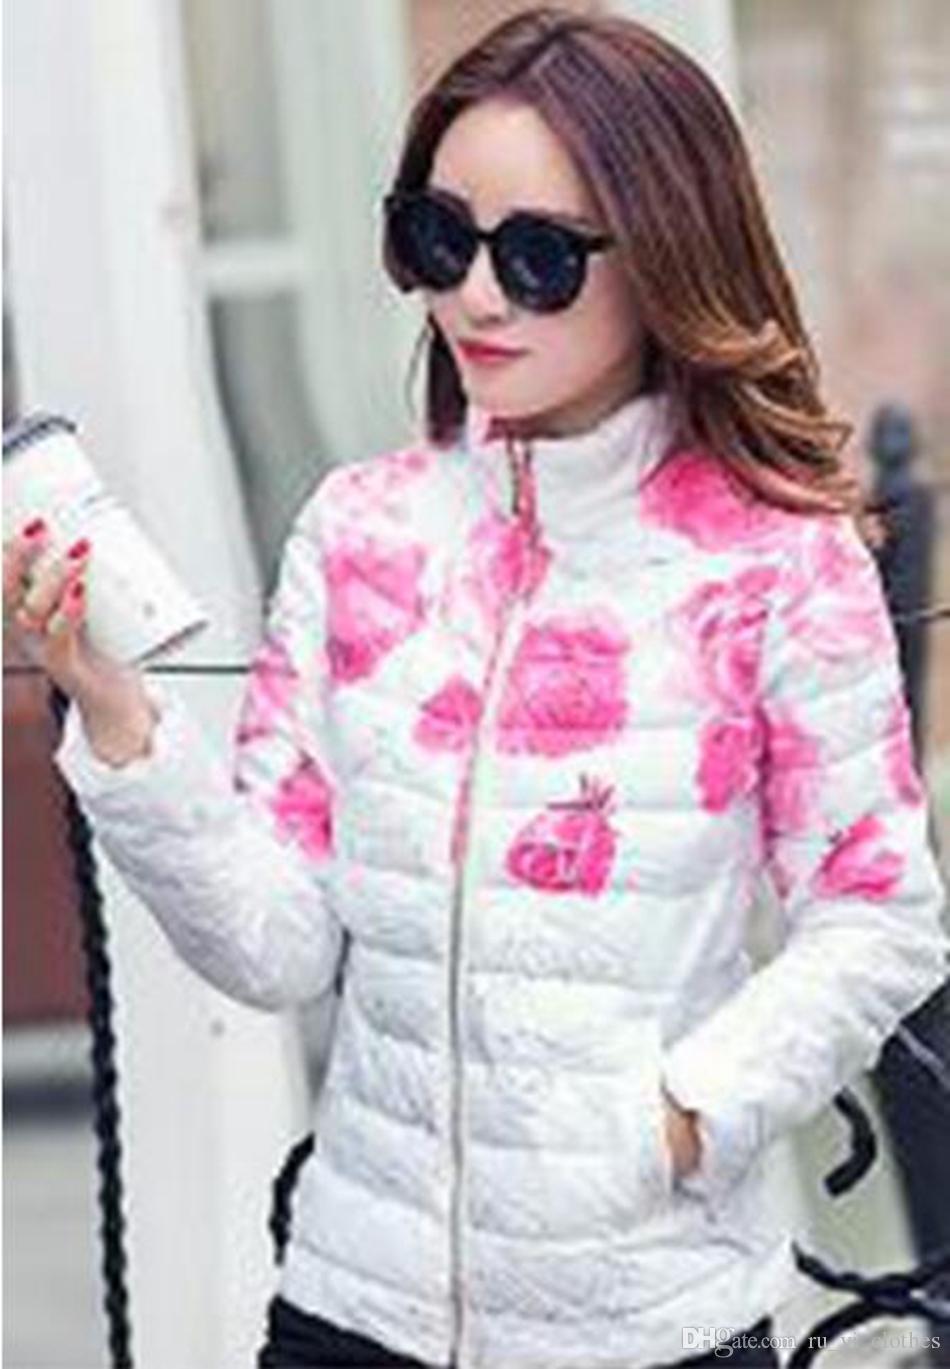 Mehr Frauen Winter neu kultivieren jemandes Moralität zeigen dünnen kurzen Absatz Baumwolle gefütterte Jacke Daunenjacke Mantelkragen / M-2XL